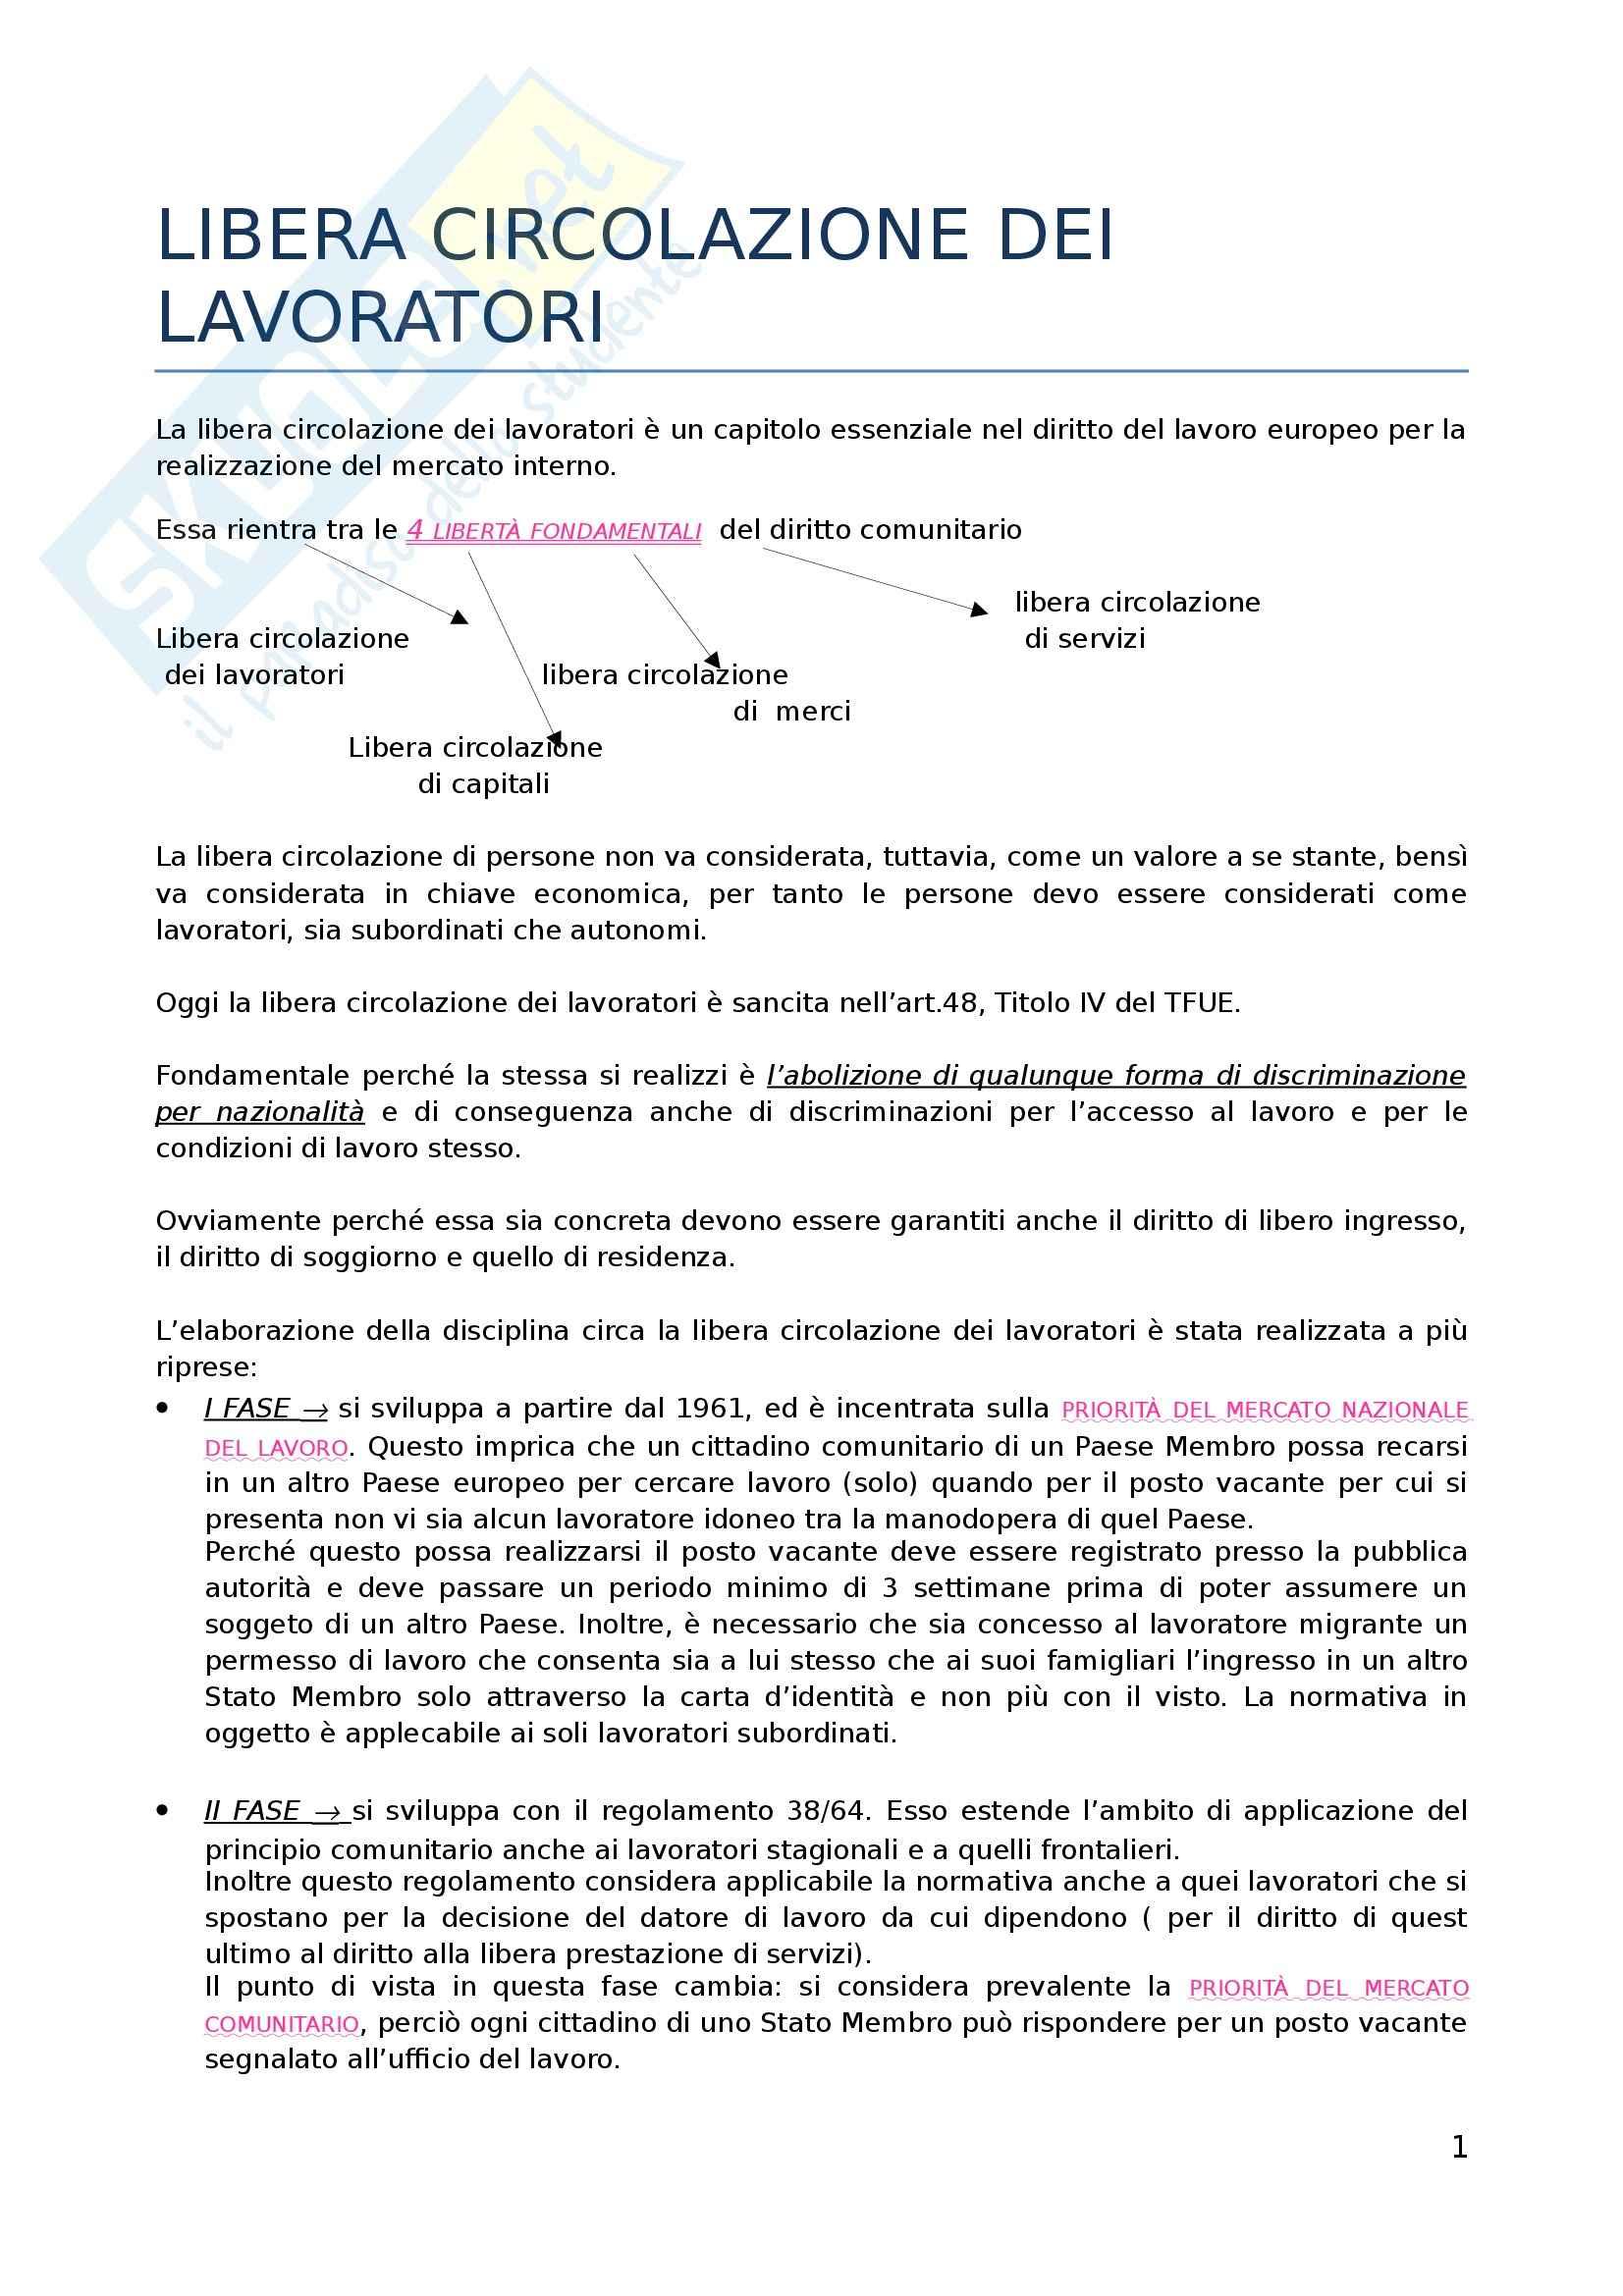 Diritto del lavoro dell'Unione Europea - la libera circolazione dei lavoratori